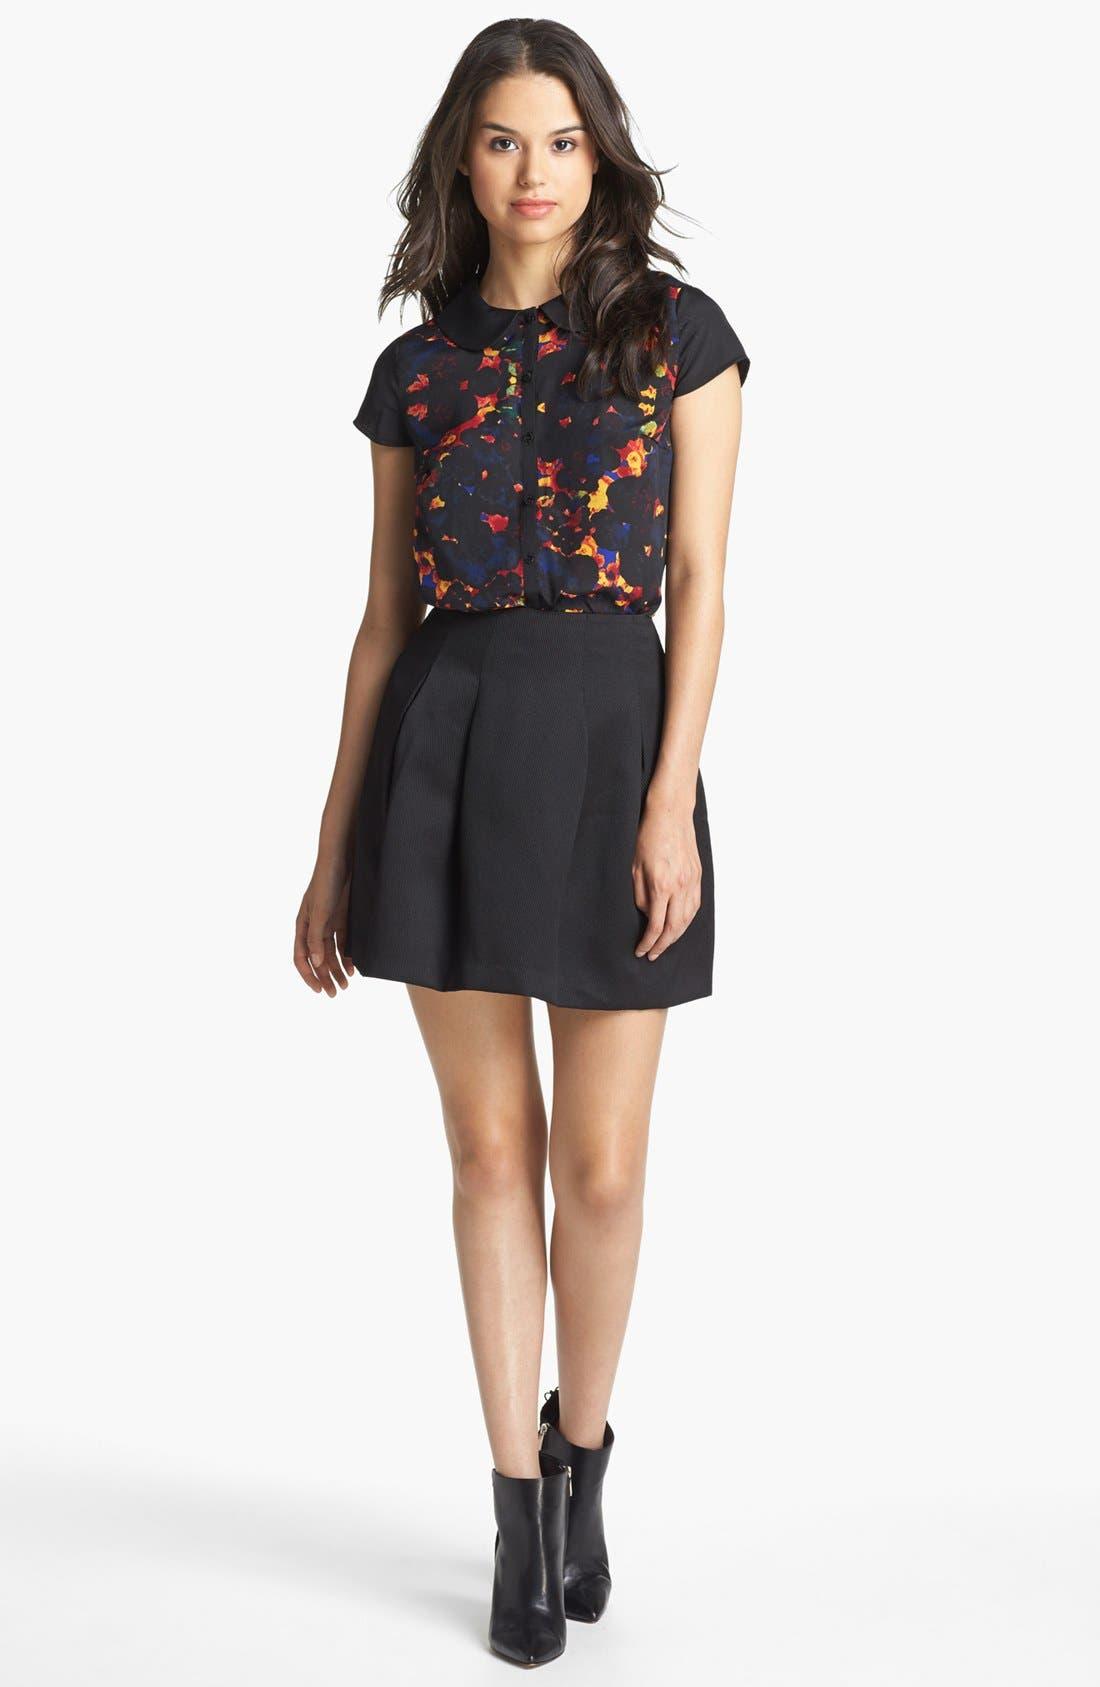 Alternate Image 1 Selected - Kensie Blouse & Miniskirt